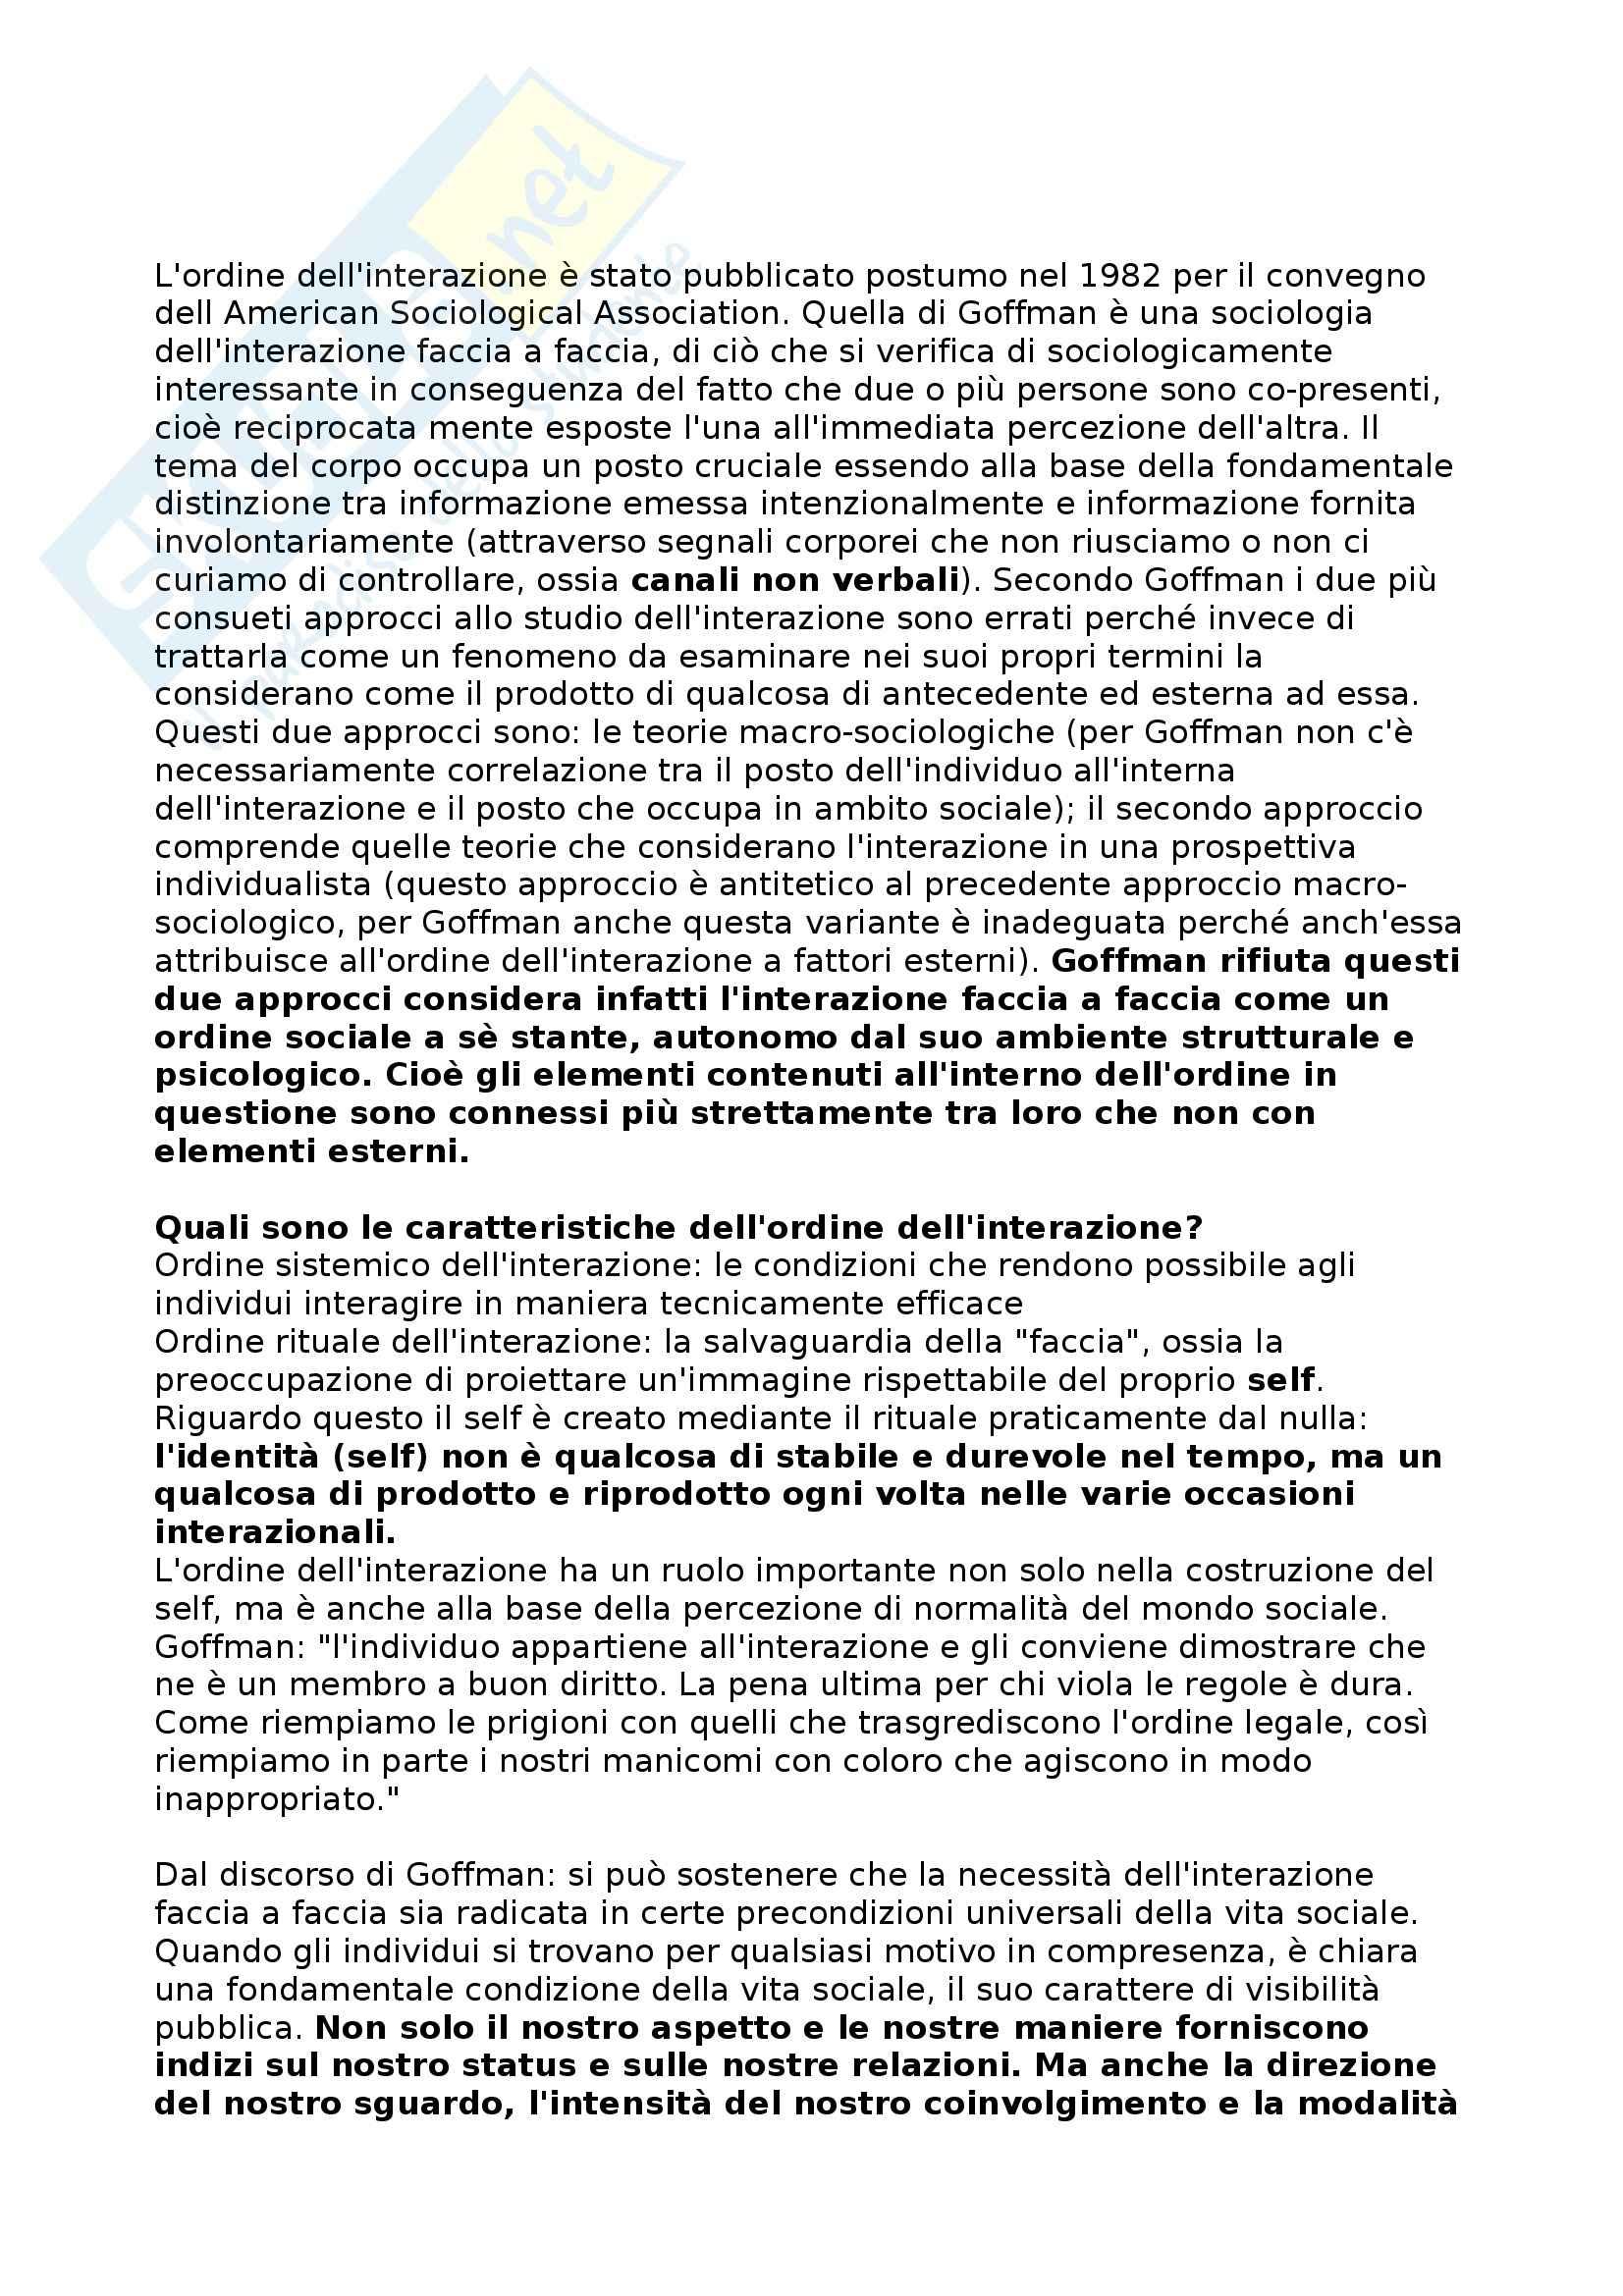 Riassunto esame Sociologia della comunicazione, prof. Lalli, libro consigliato Ordine dell'interazione, Goffman